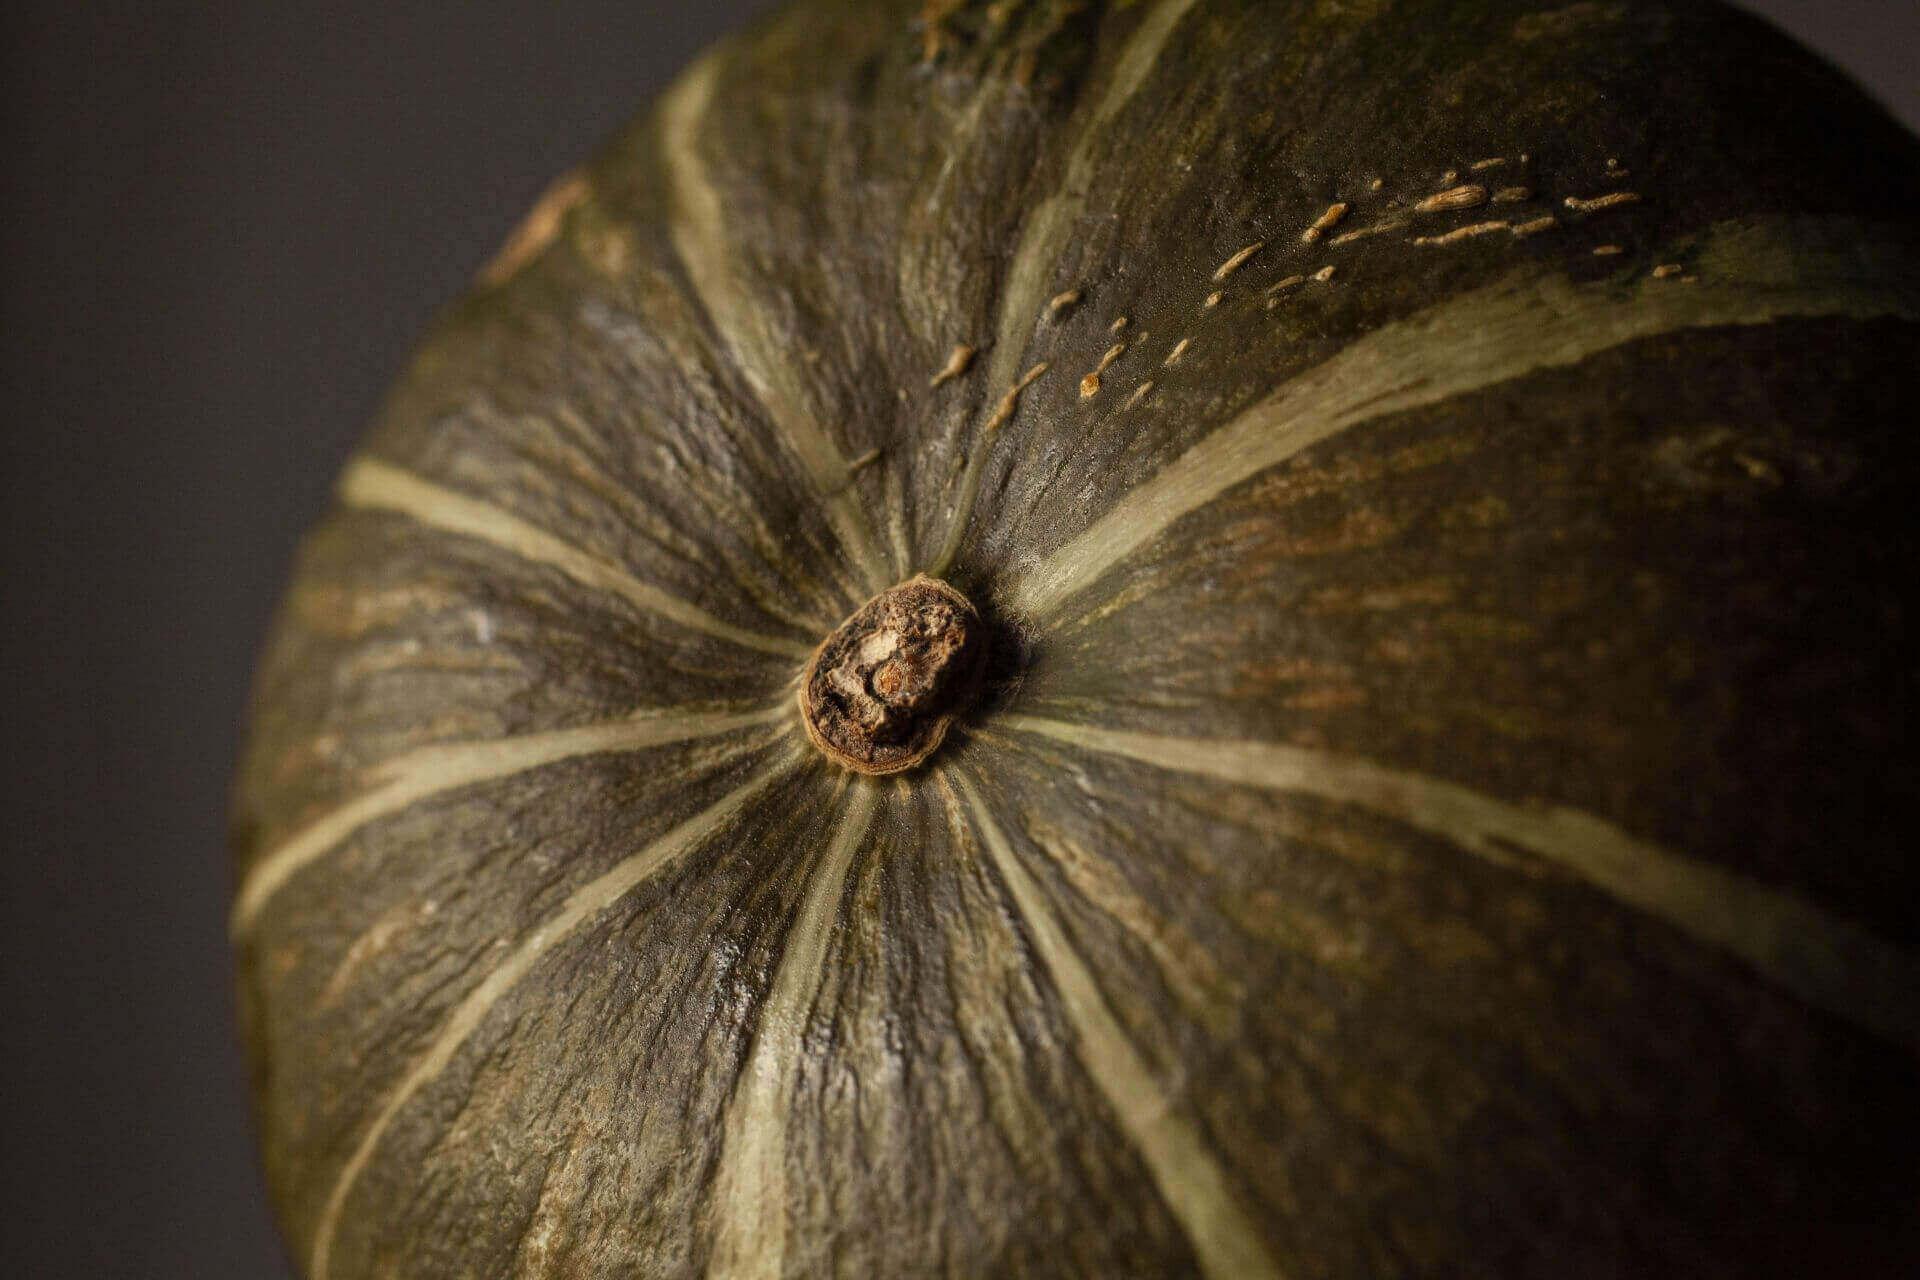 かぼちゃのカビの見分け方は?カビ臭い時は食べられる?